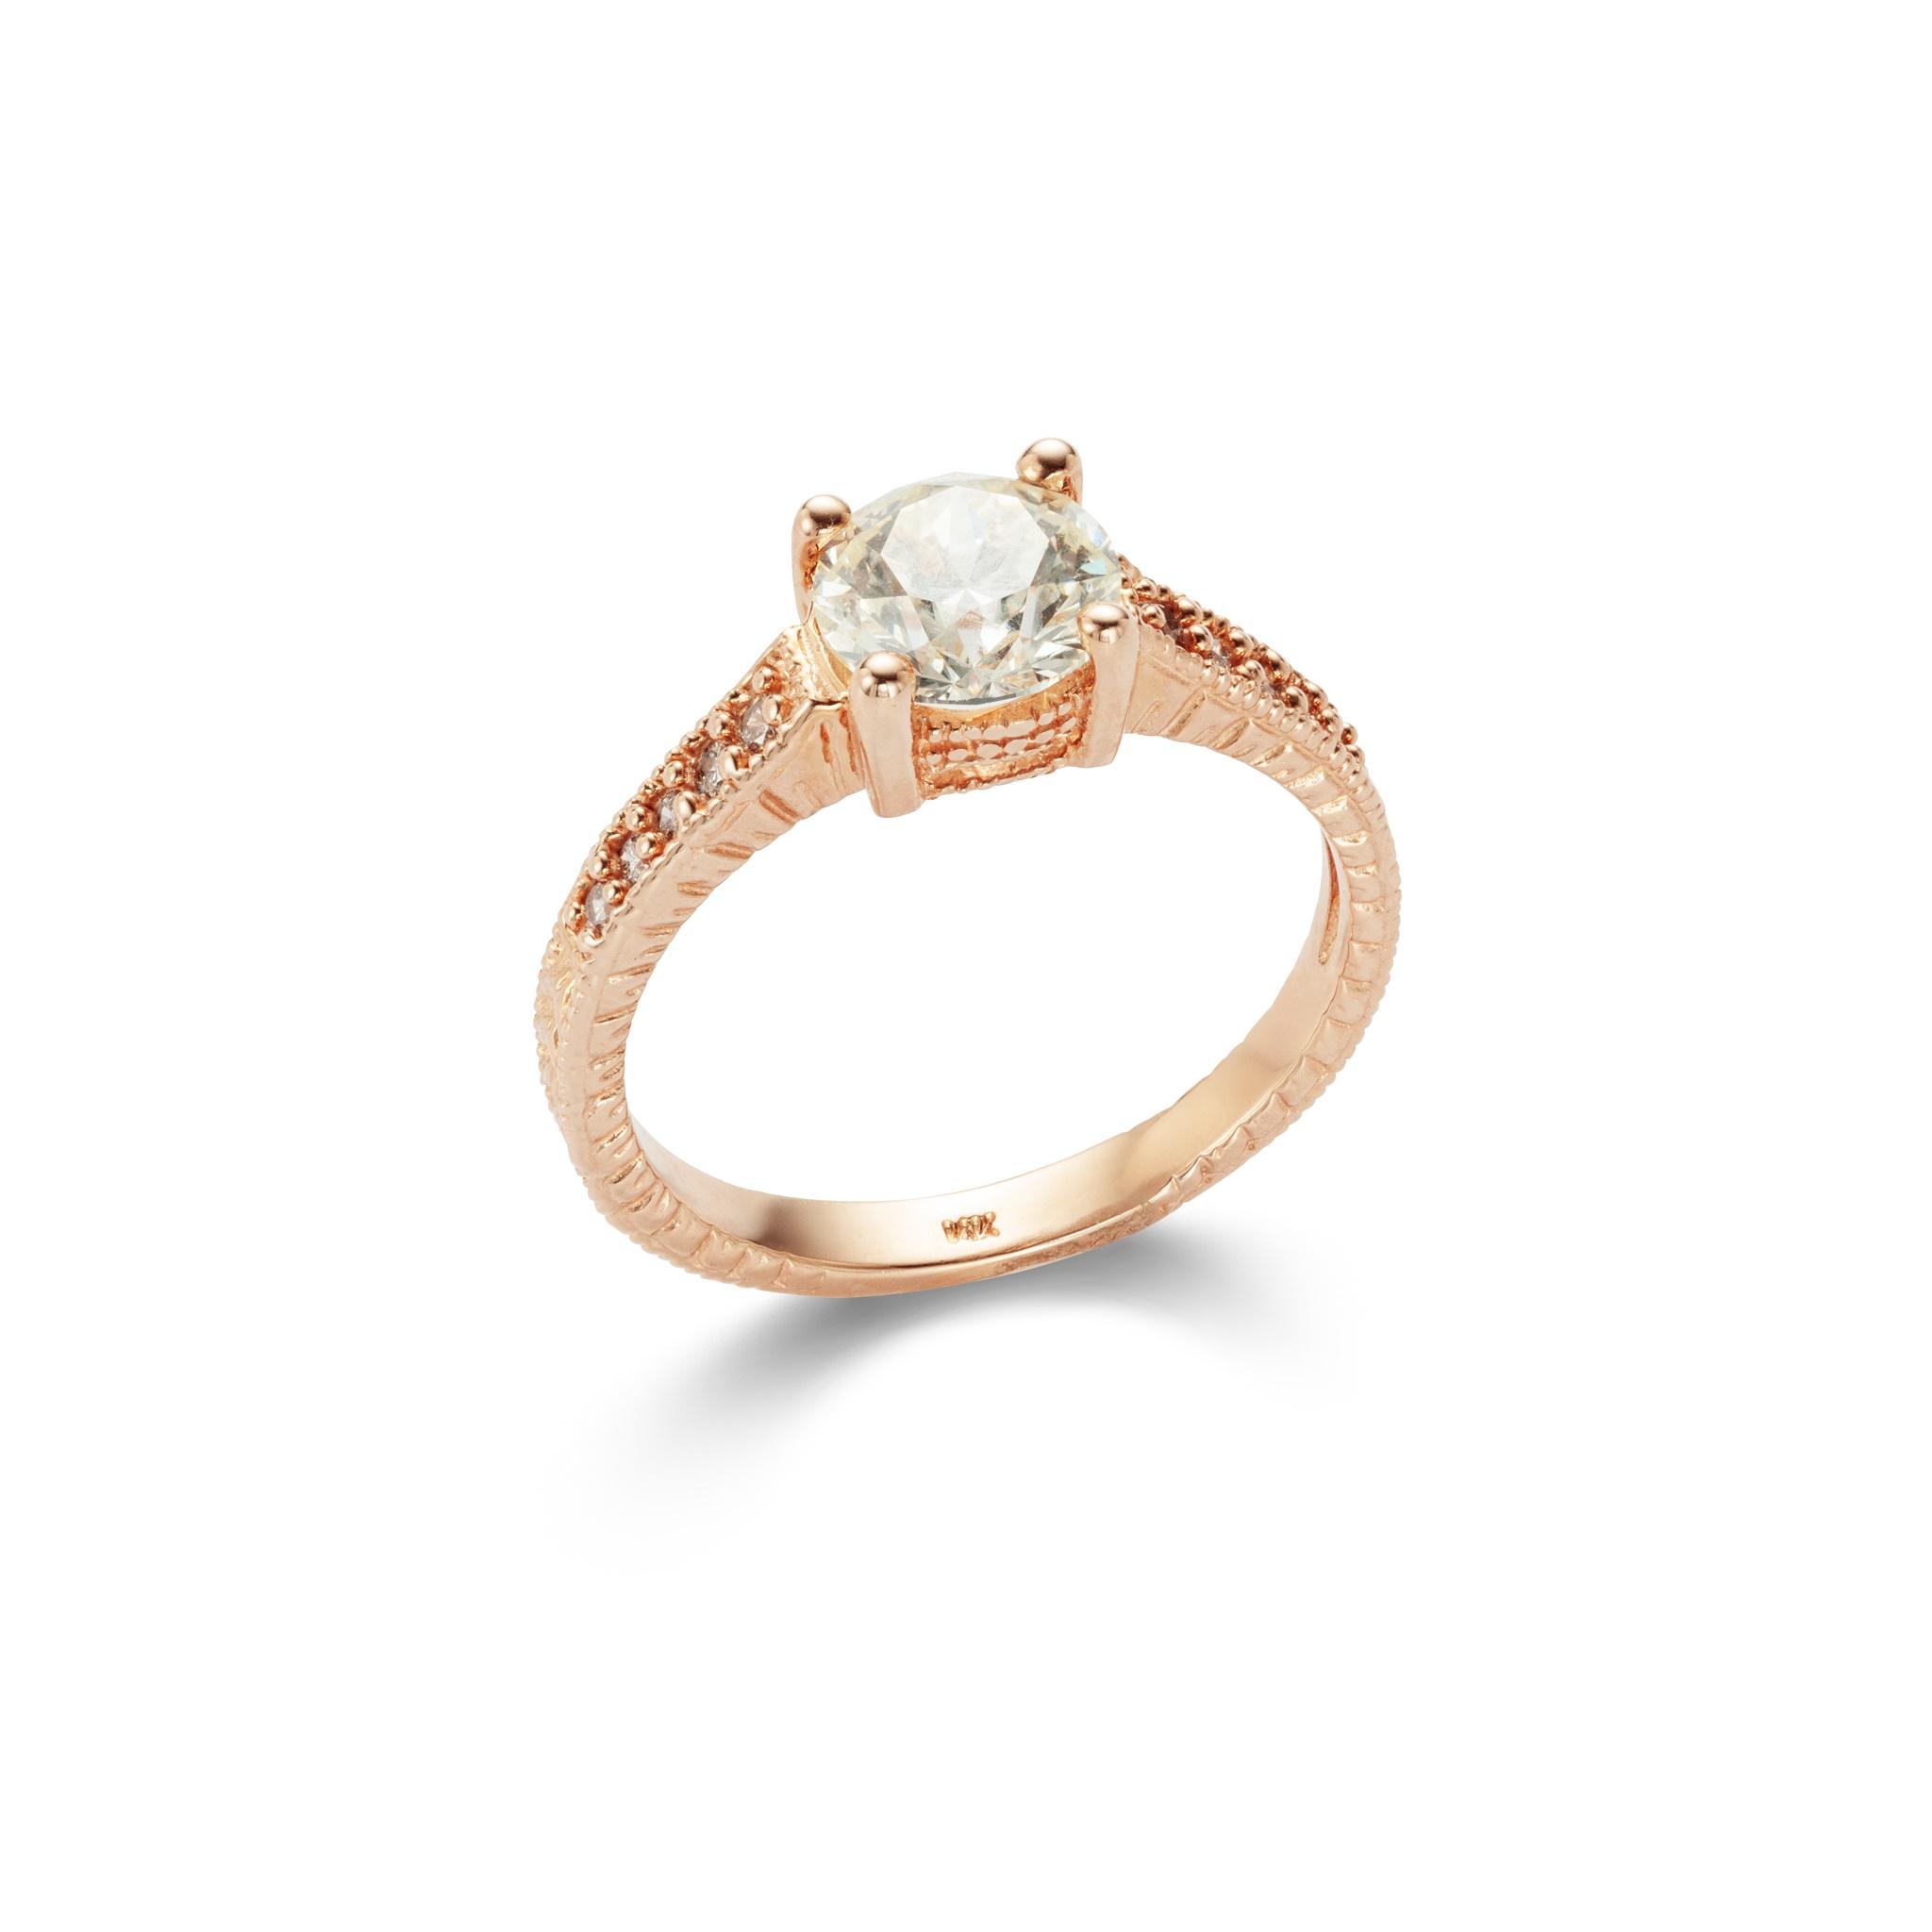 A diamond single-stone ring The brilliant-cut diamond between brilliant-cut diamond shoulders, to